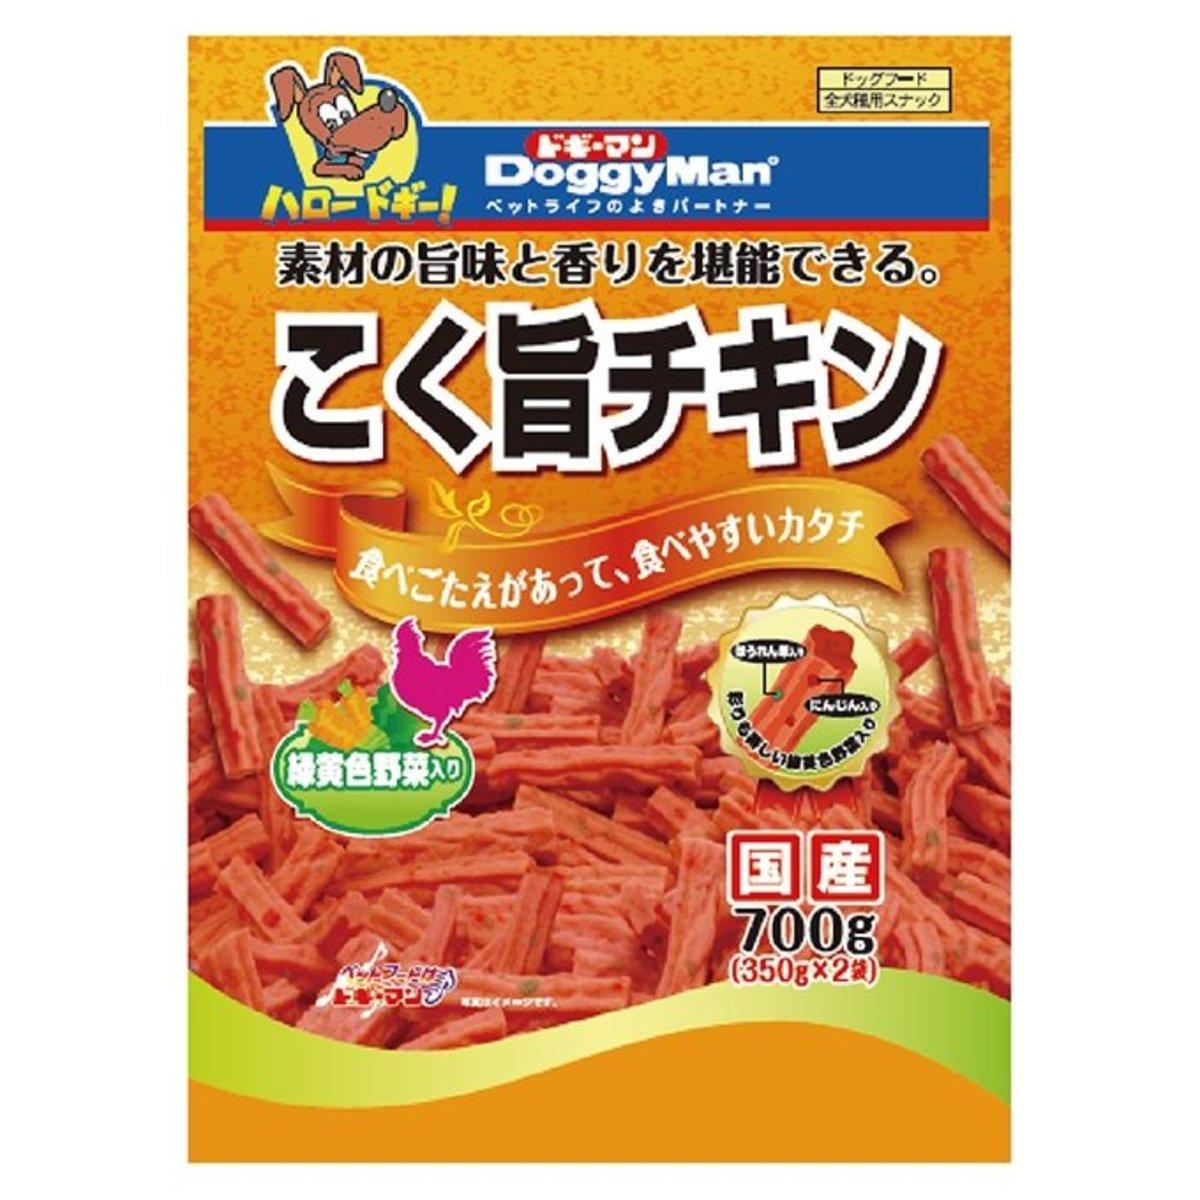 雜菜雞肉條 (700g) #81954 R